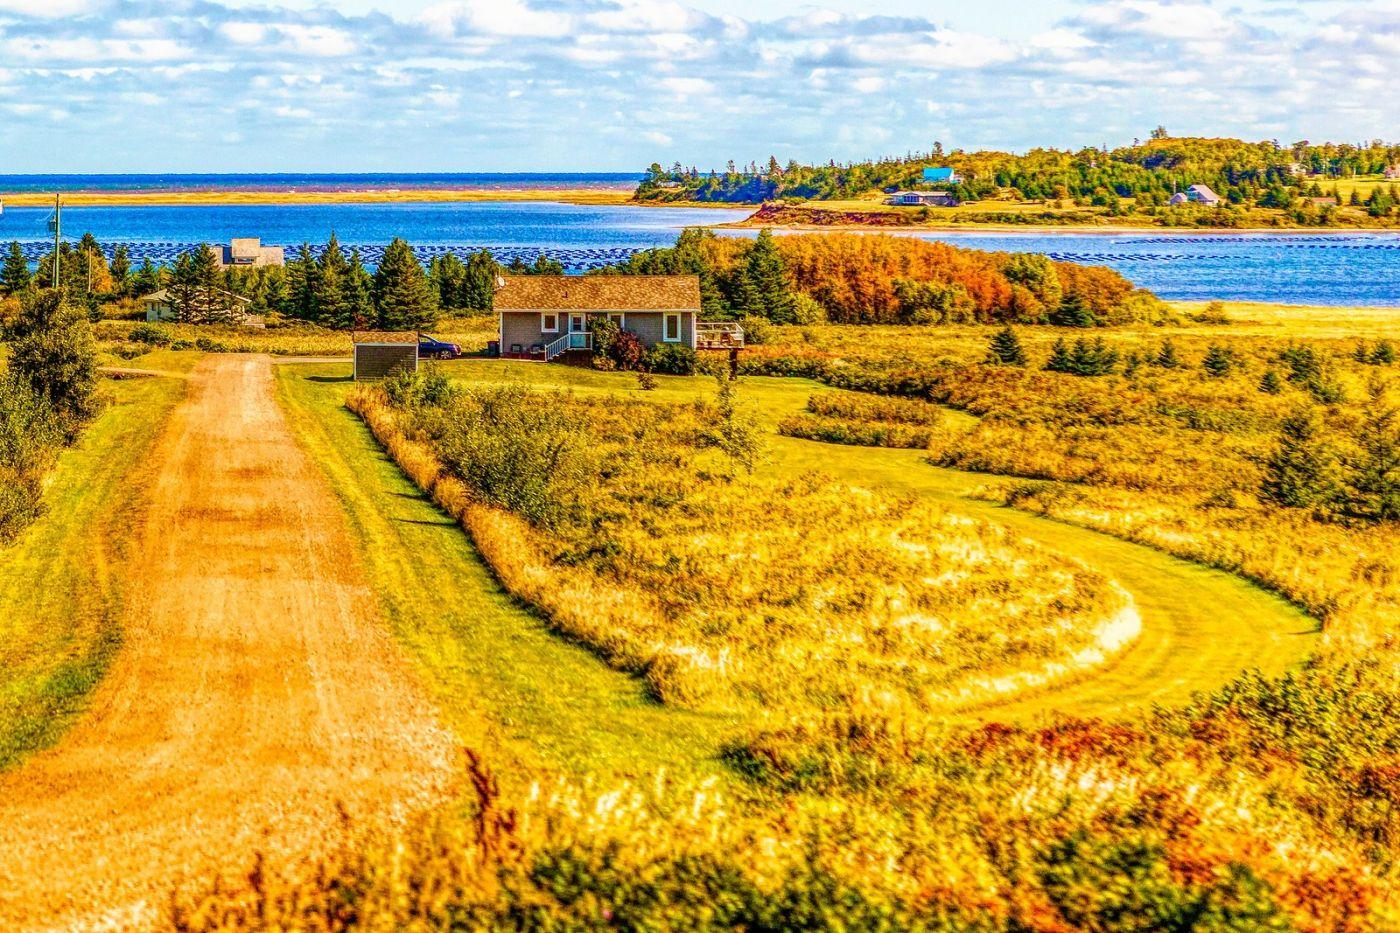 加拿大路途,水边抓拍_图1-10